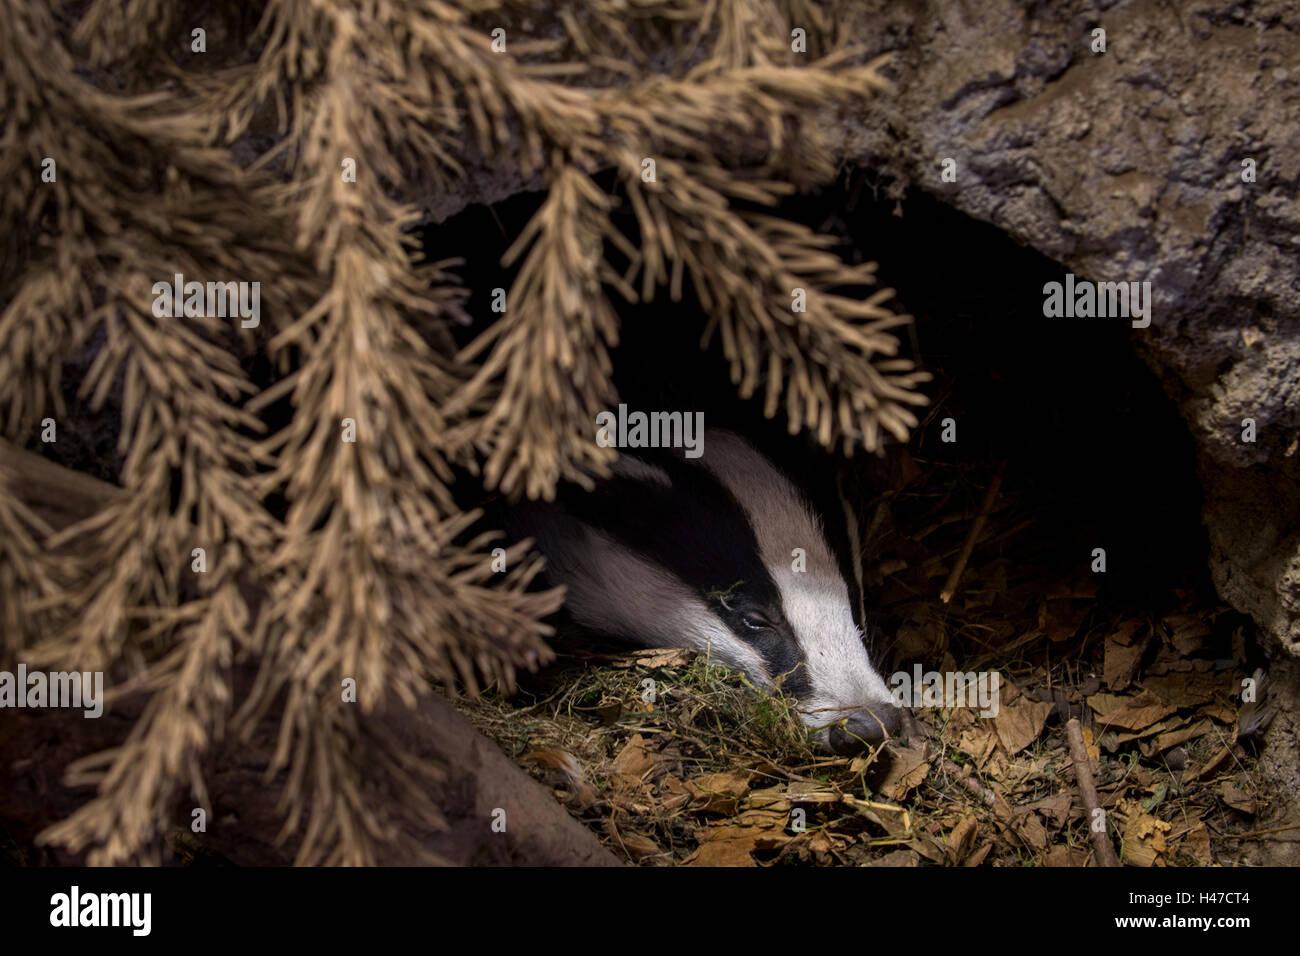 Europäischer Dachs (Meles Meles) in Höhle schlafen / Sett im Nadelwald Stockfoto